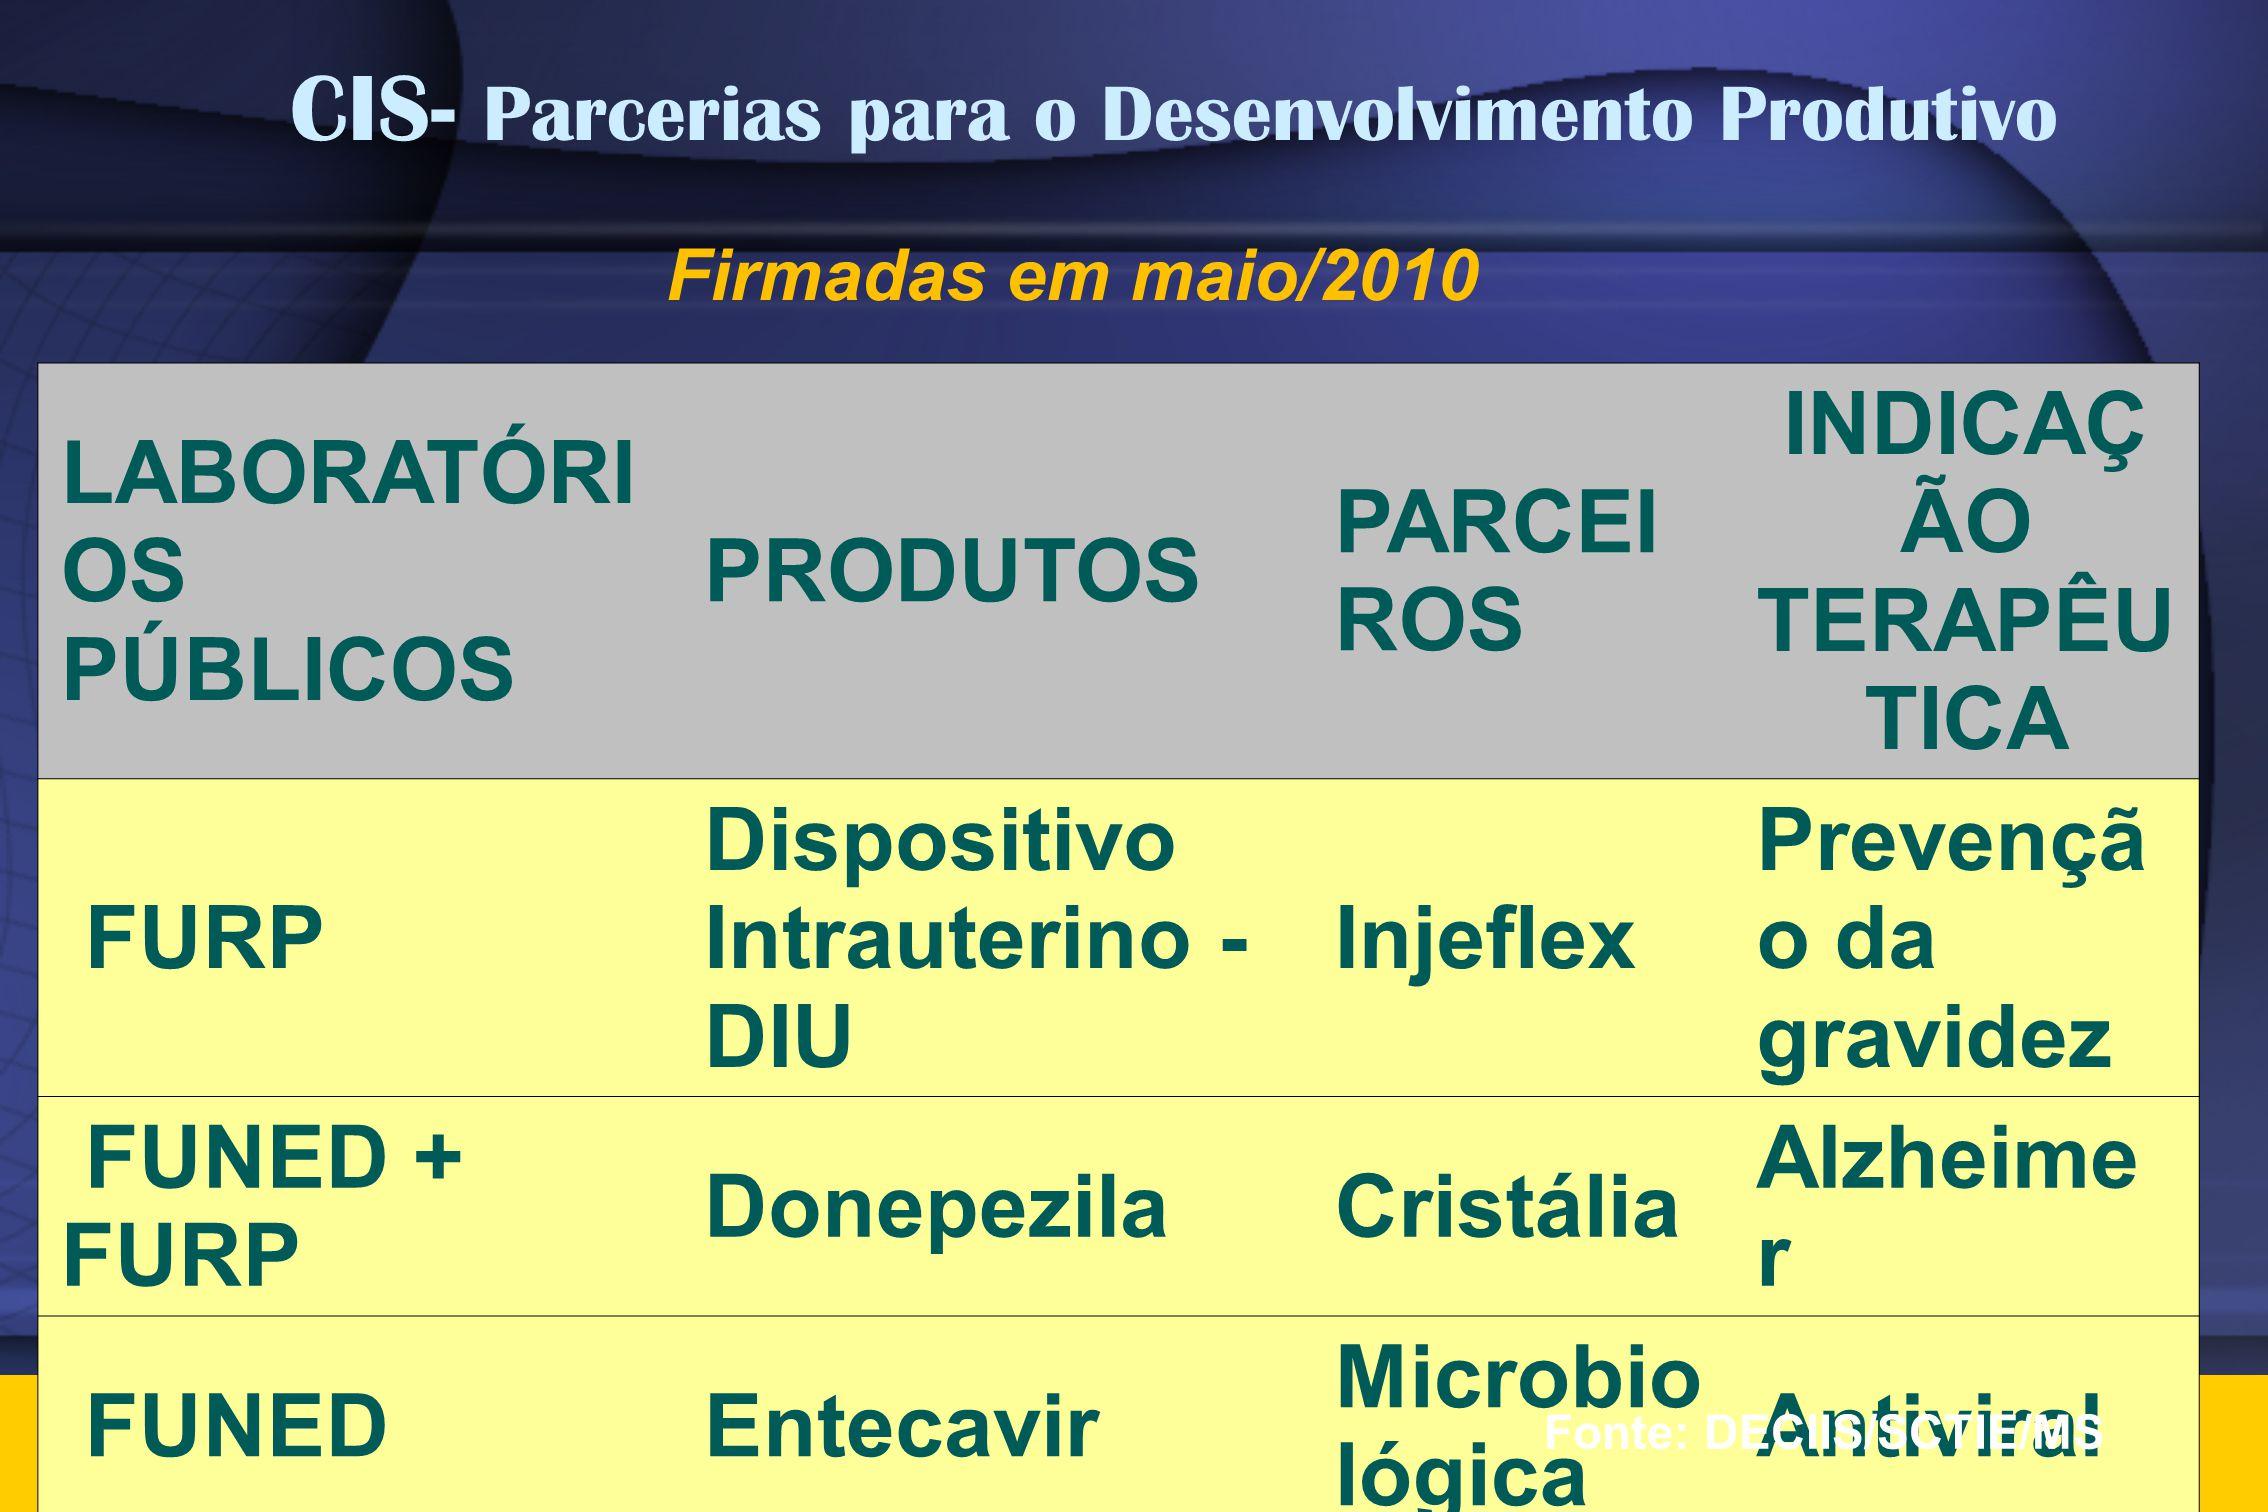 Firmadas em maio/2010 LABORATÓRI OS PÚBLICOS PRODUTOS PARCEI ROS INDICAÇ ÃO TERAPÊU TICA FURP Dispositivo Intrauterino - DIU Injeflex Prevençã o da gr